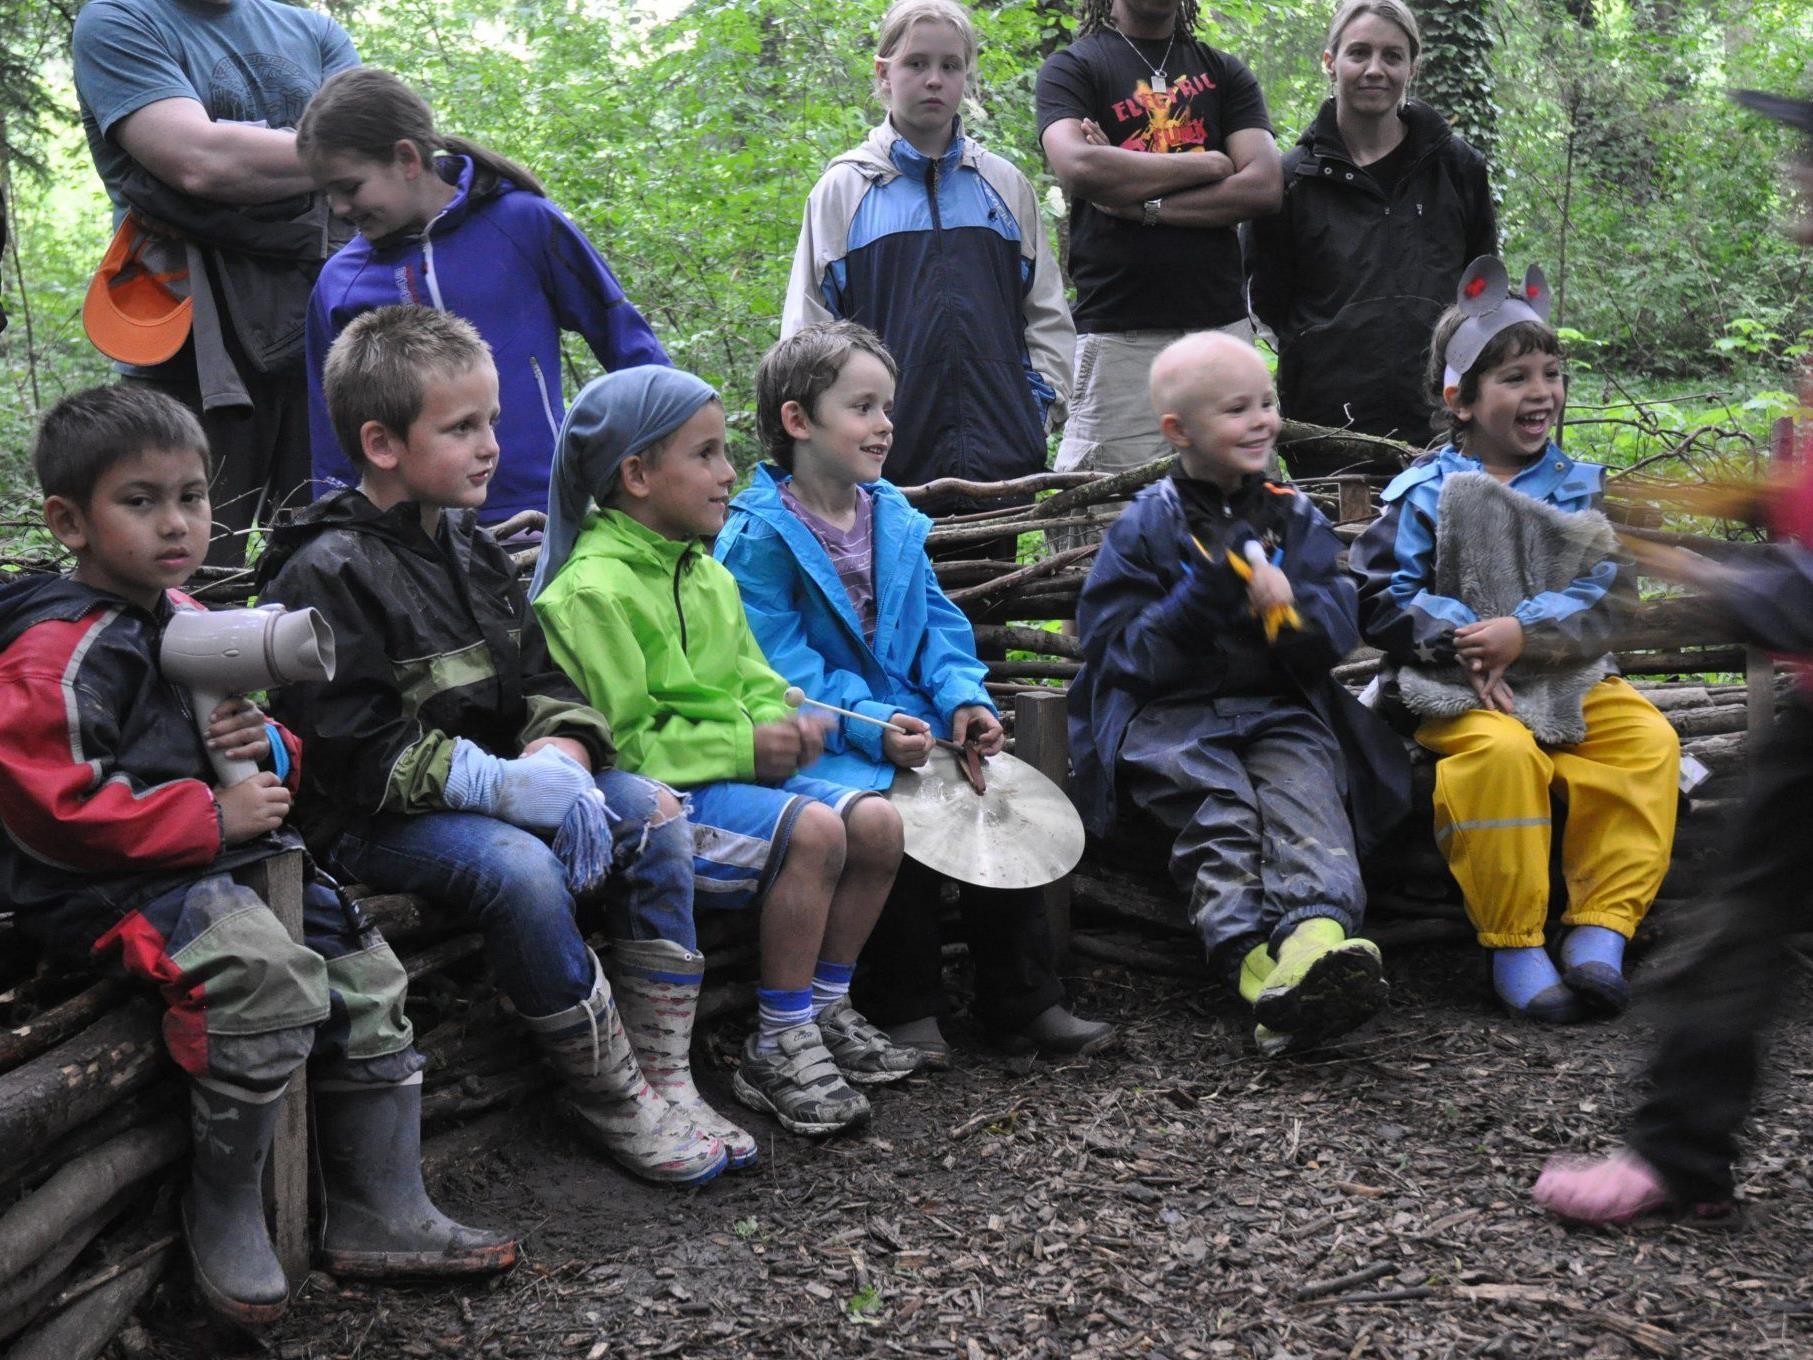 Die Kinder begrüßten ihre Eltern auf dem selbst gefertigten Waldsofa.